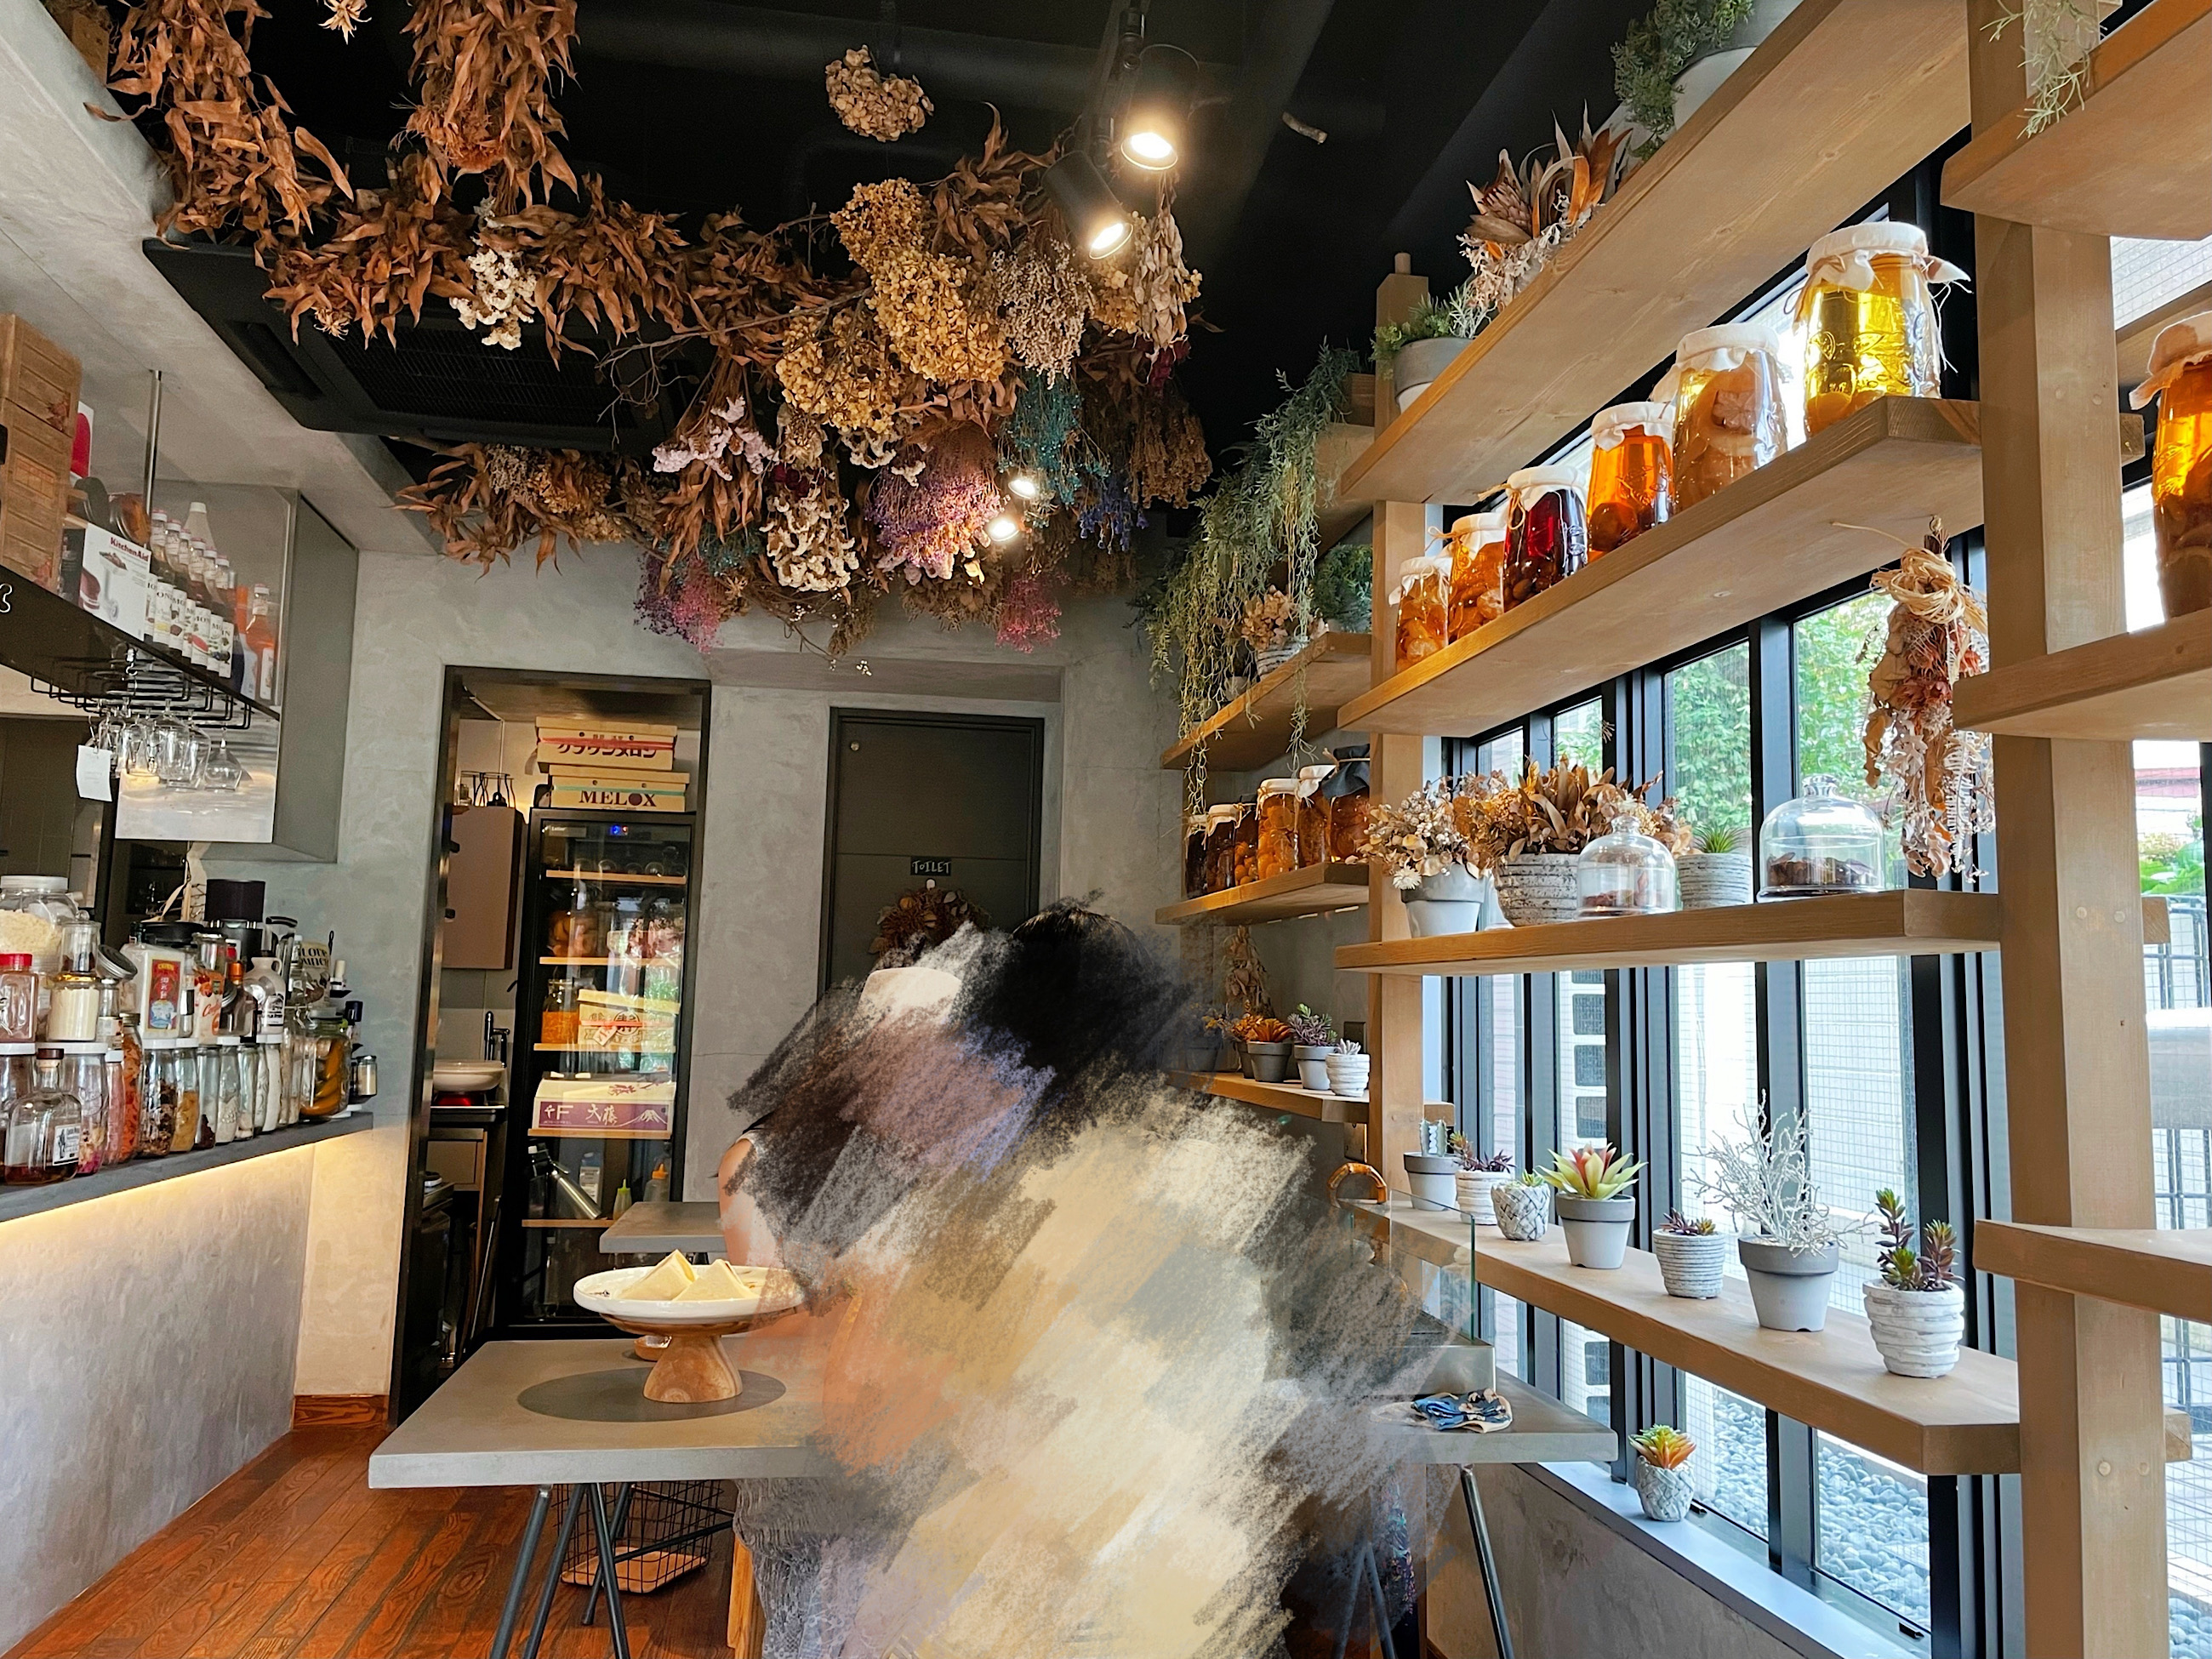 東京・幡ヶ谷にあるカフェ「果実店canvas(果実店カンヴァス)」